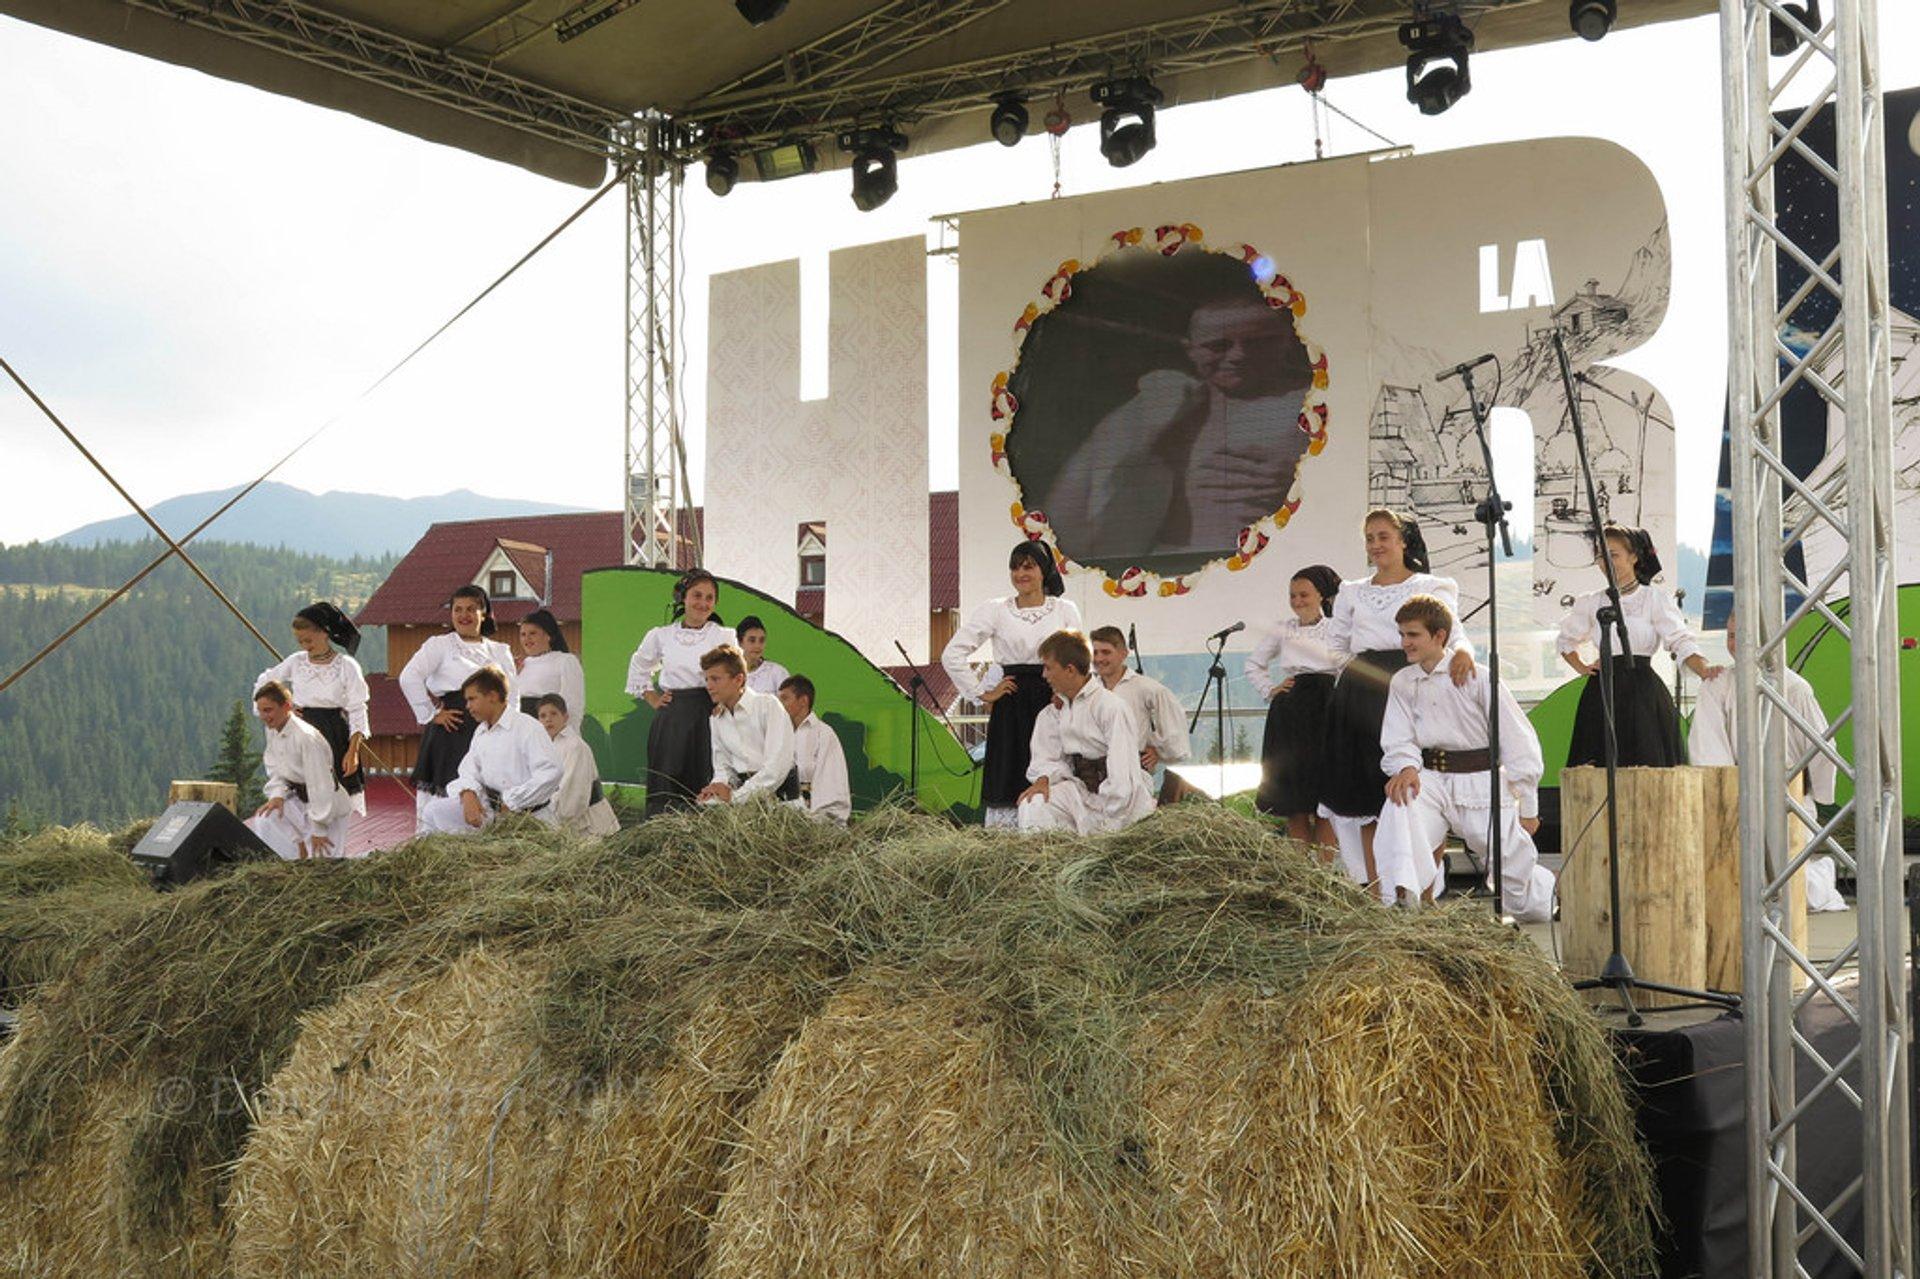 Prislop Pass Folk Festival in Romania - Best Season 2019